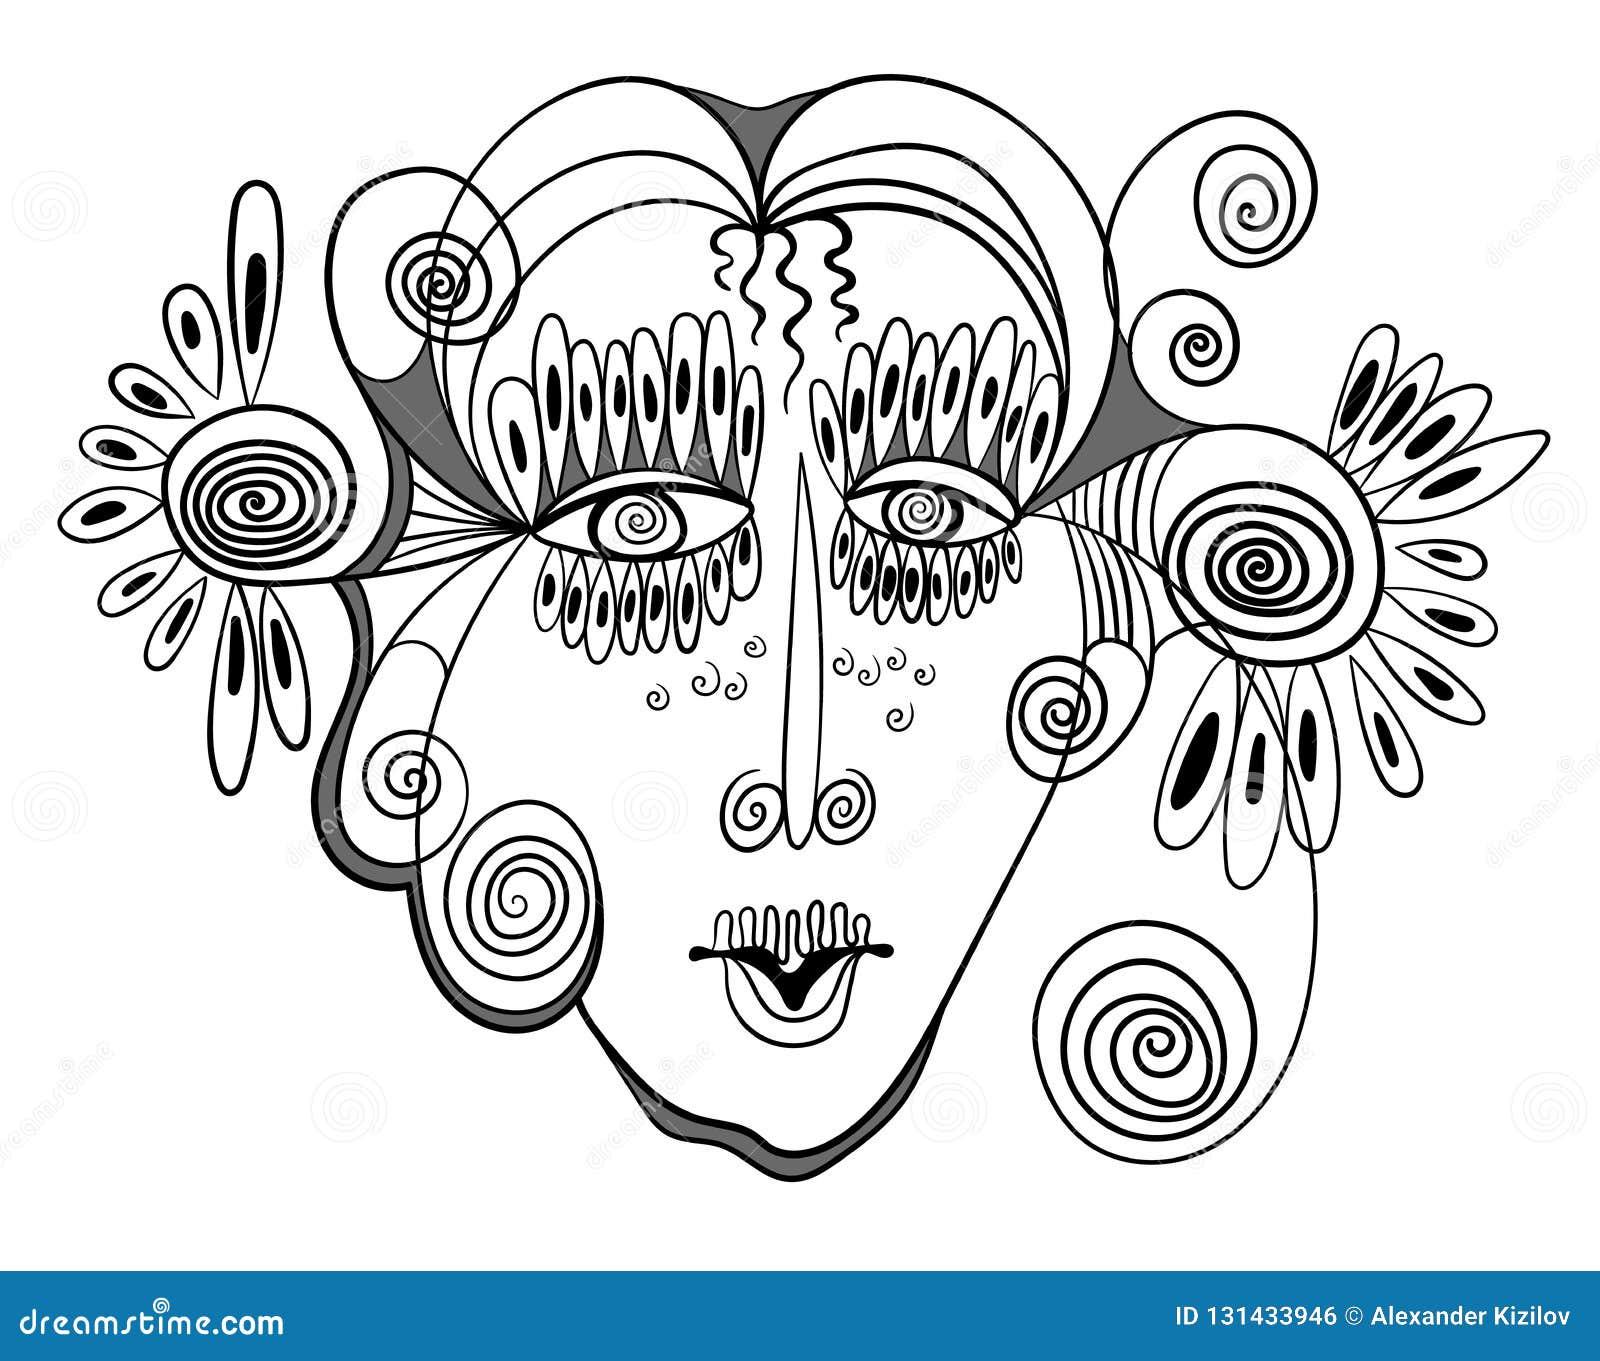 Conception abstraite avec le visage de la femme